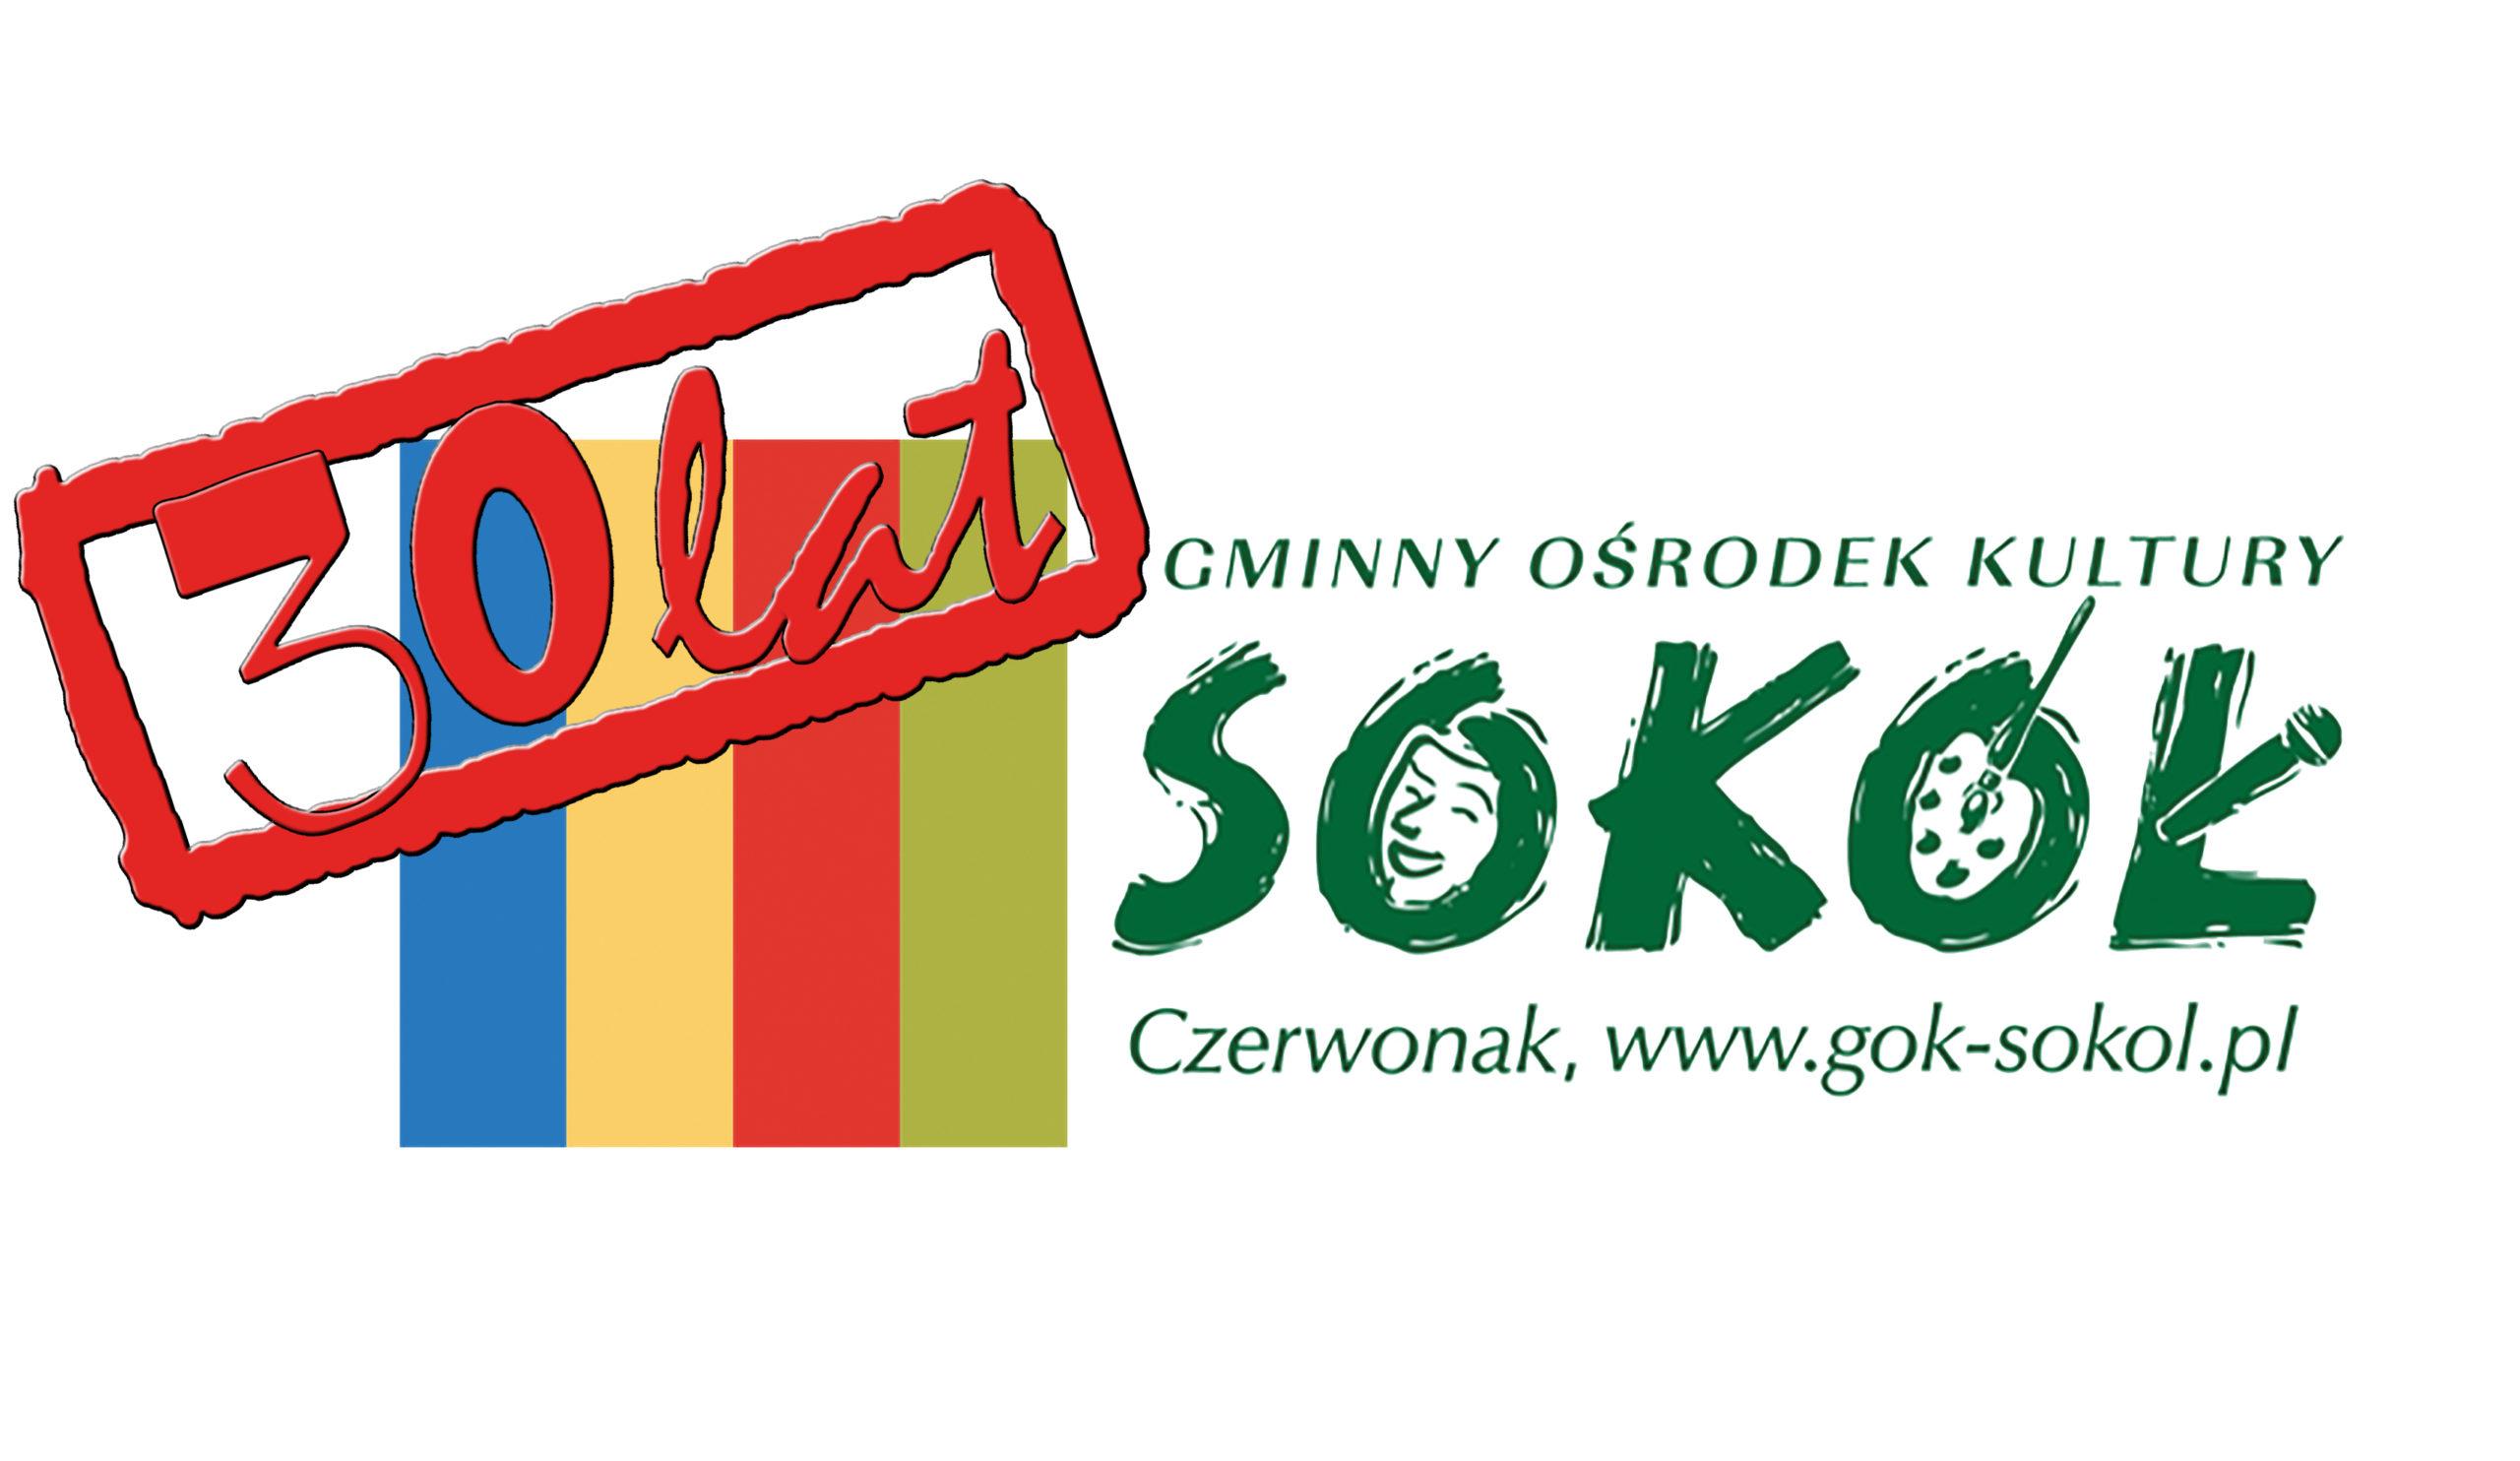 30 lat - z logo